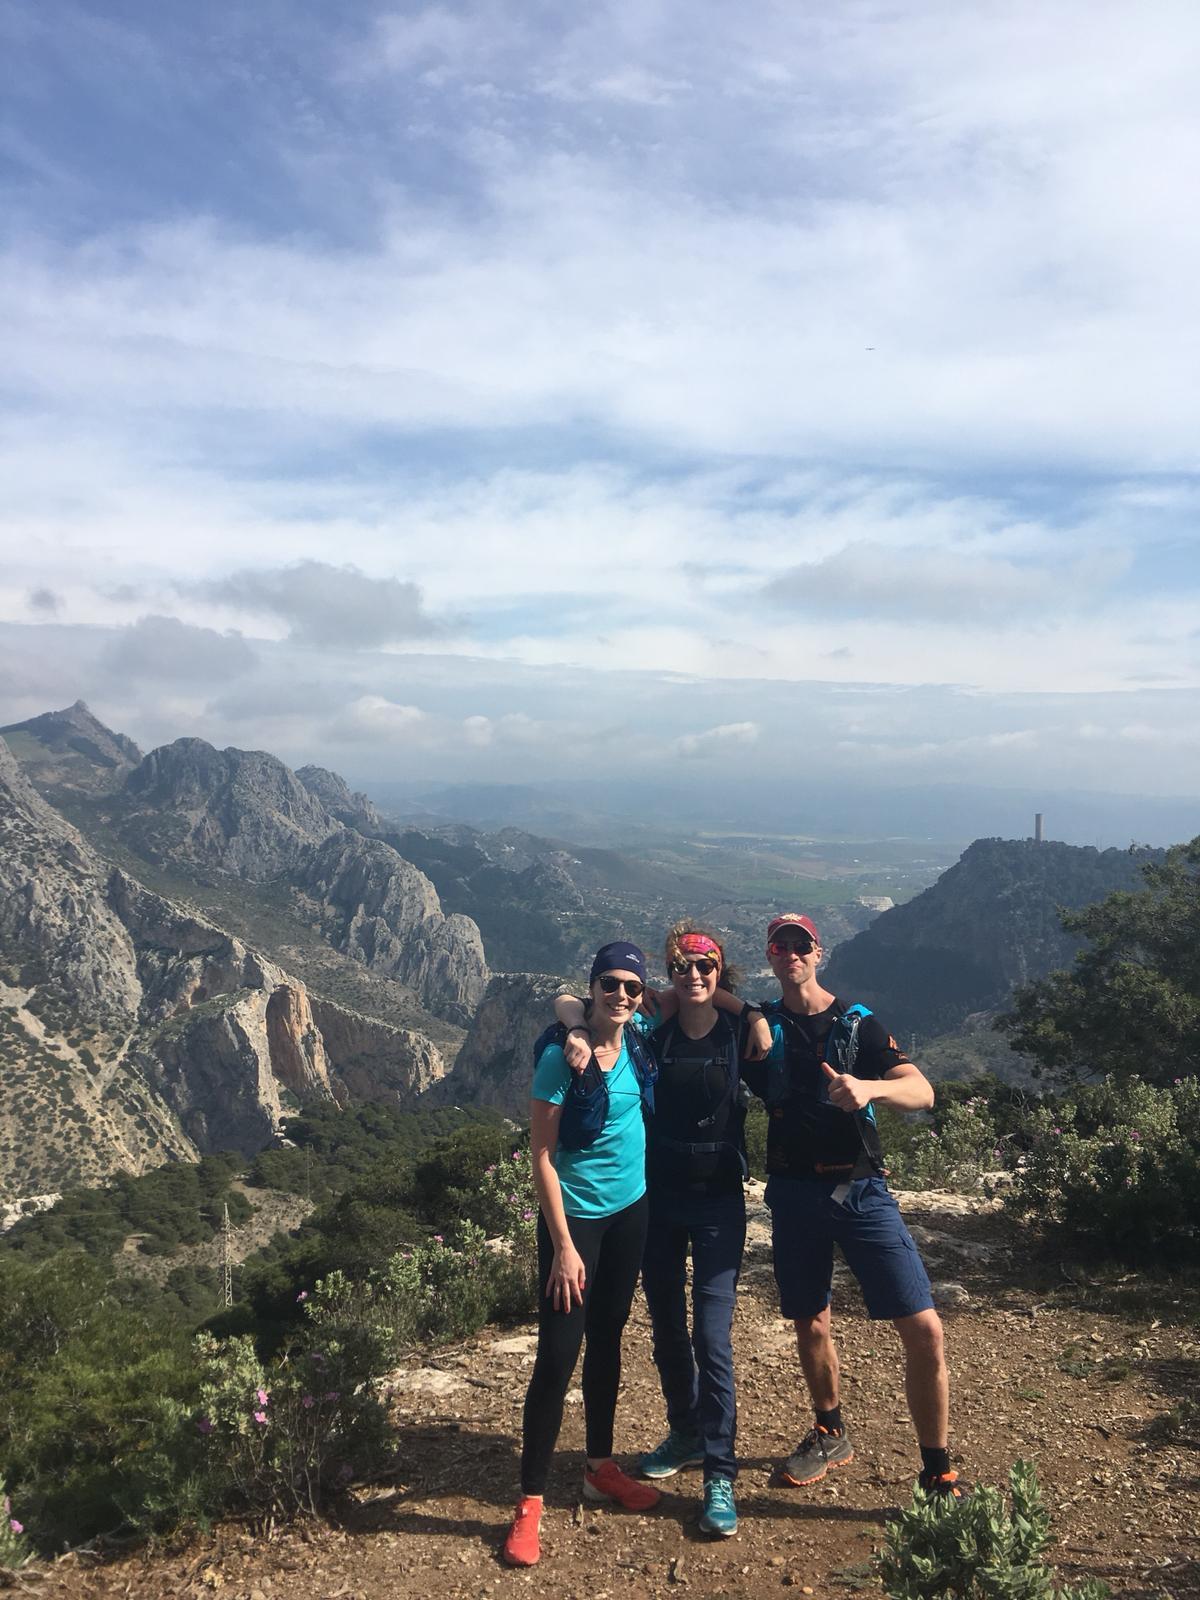 uitzicht op caminito del rey tijdens sportvakanties in Spanje